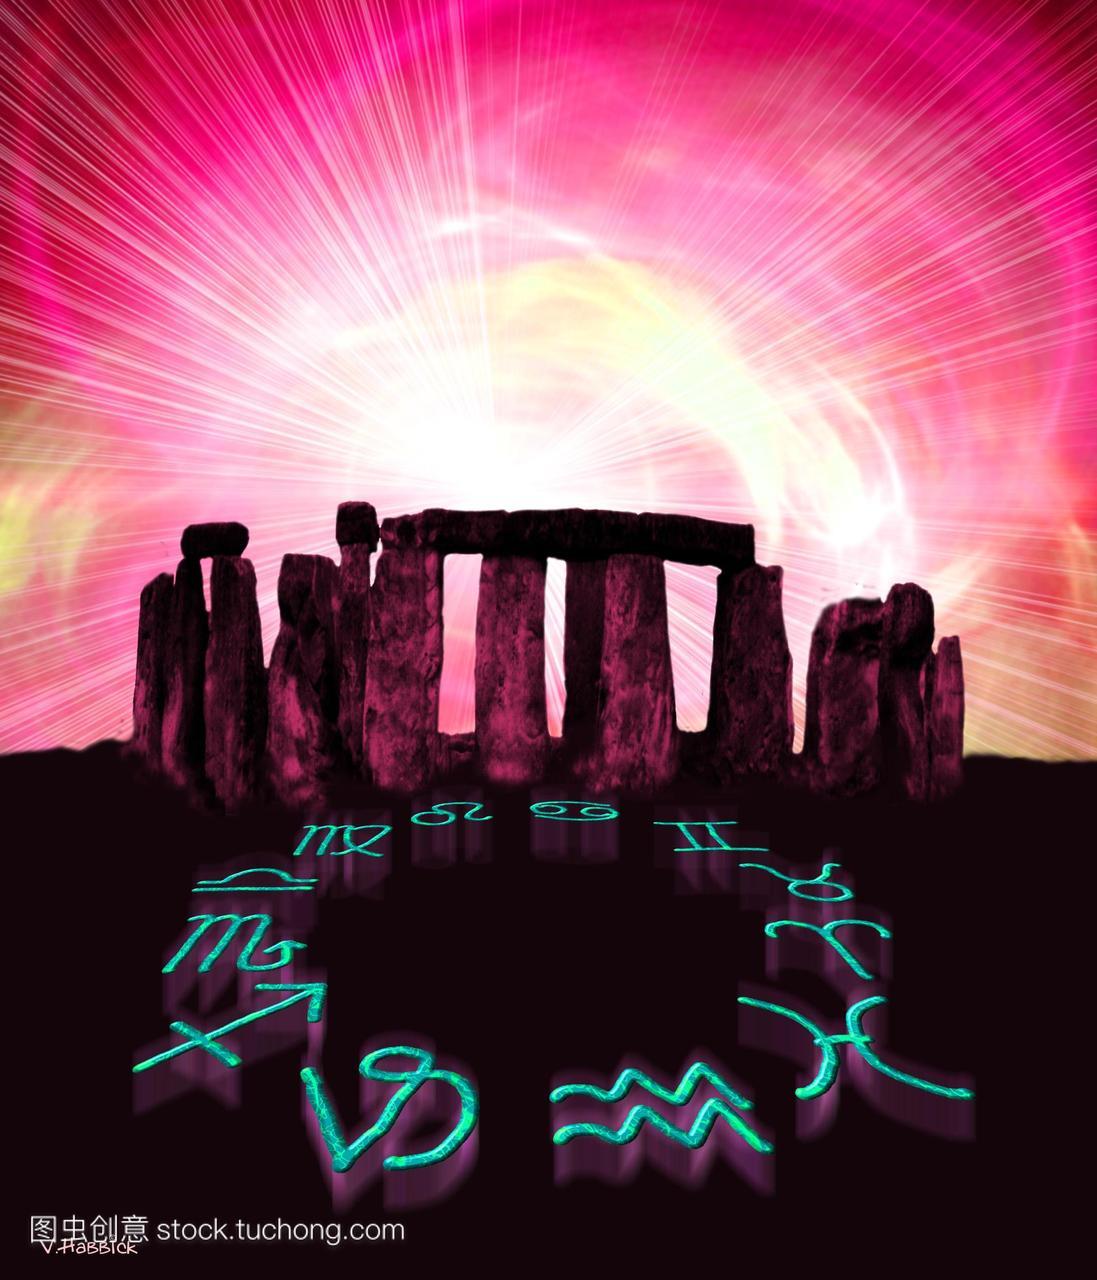 电脑。星座的黄道十二宫的巨石阵英格兰威尔特名创优品巨蟹座图片